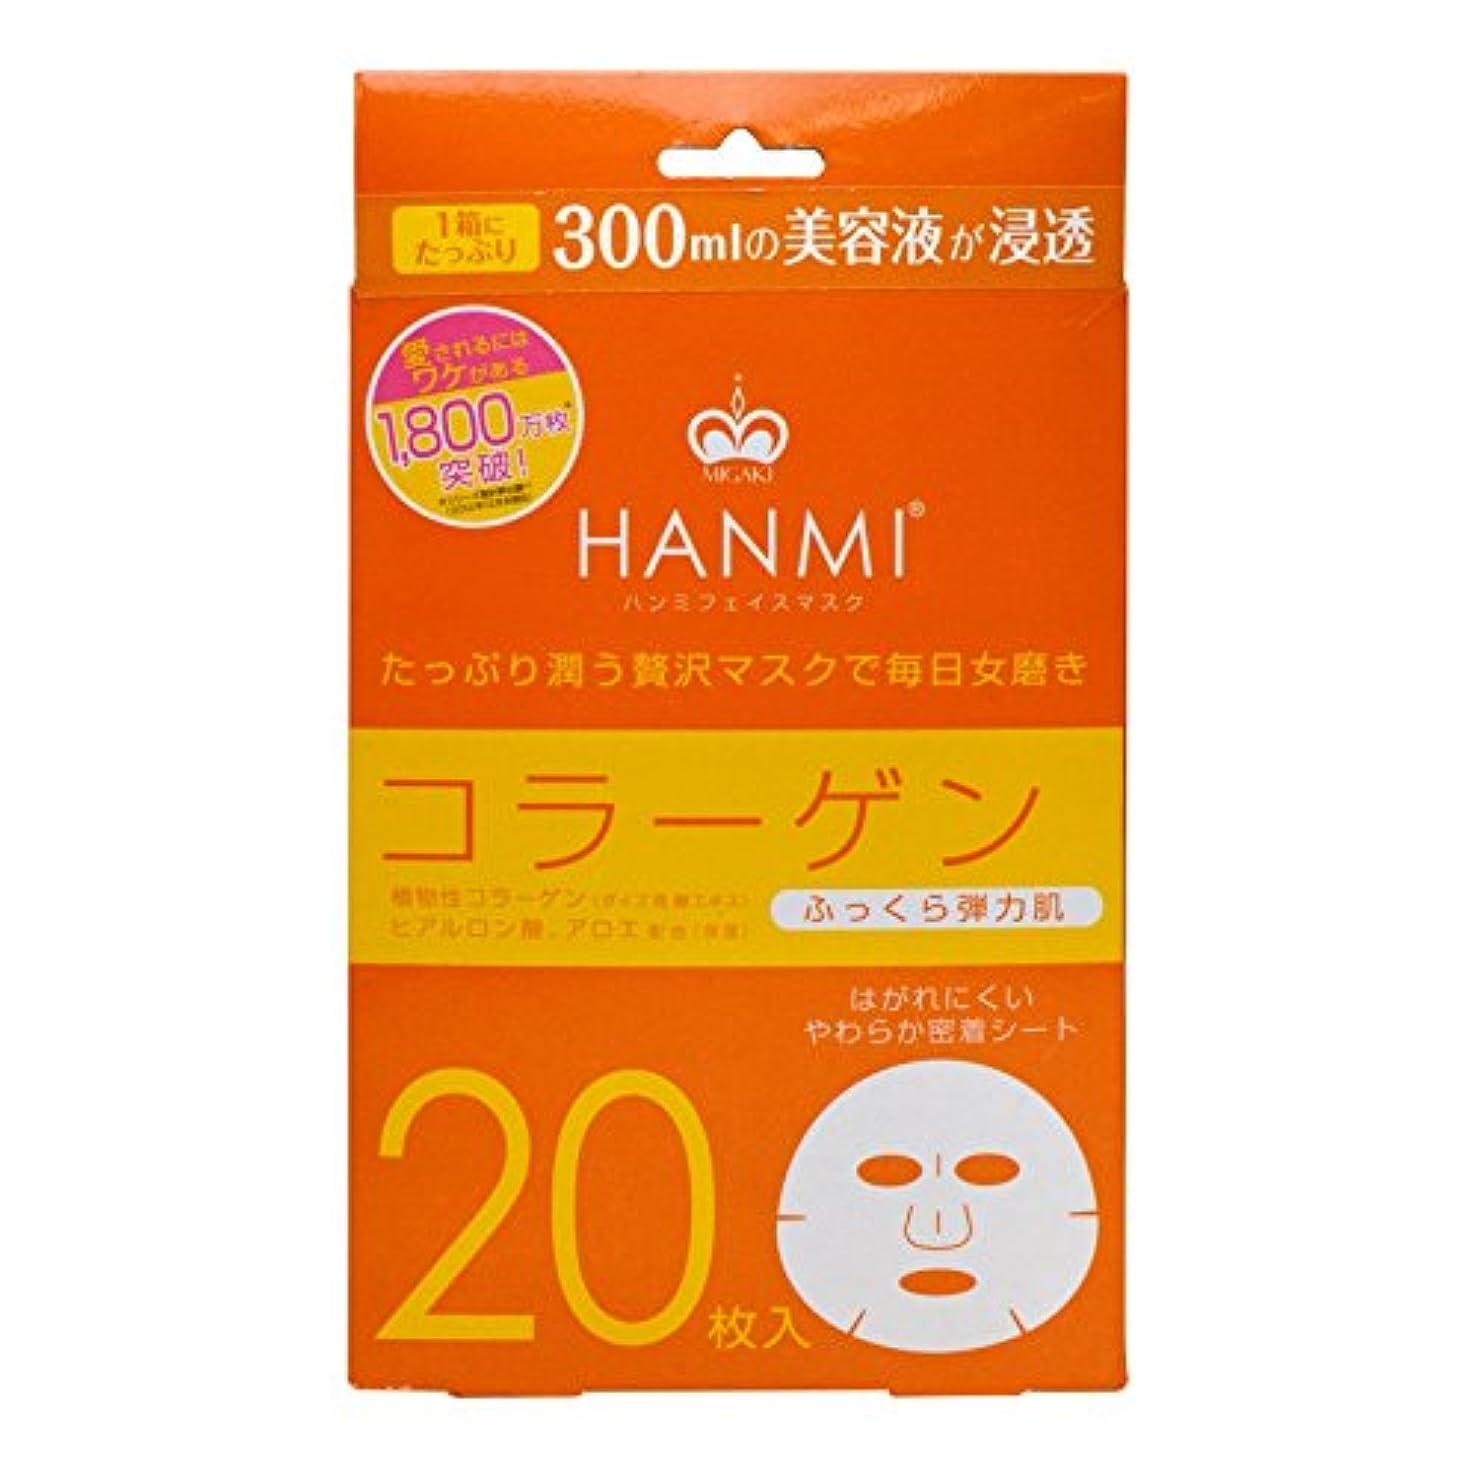 狂った必要とする過ちMIGAKI ハンミフェイスマスク コラーゲン 20枚入り